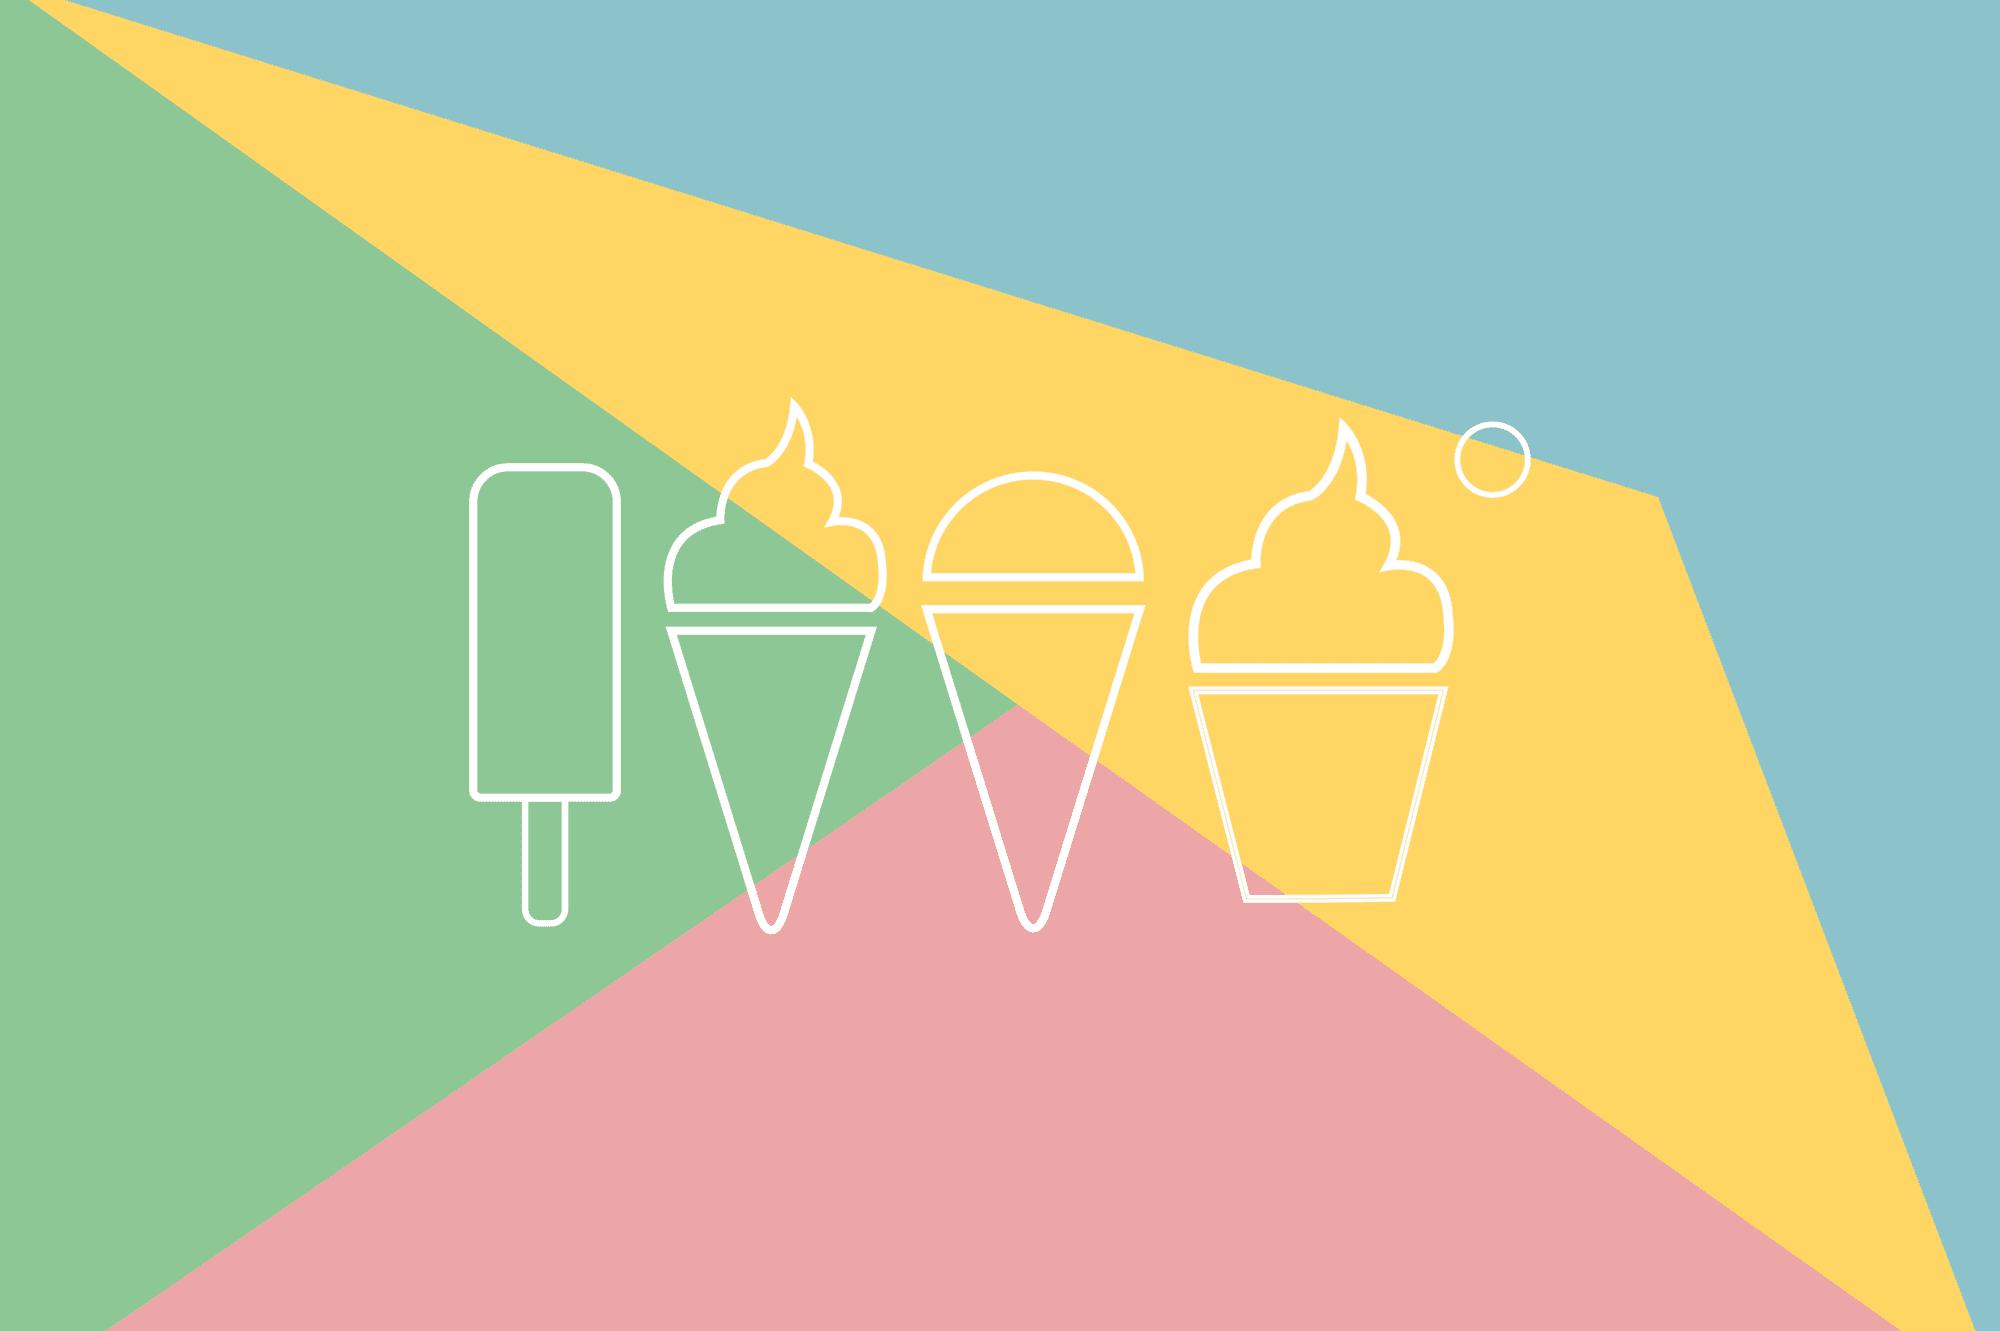 2 Icons